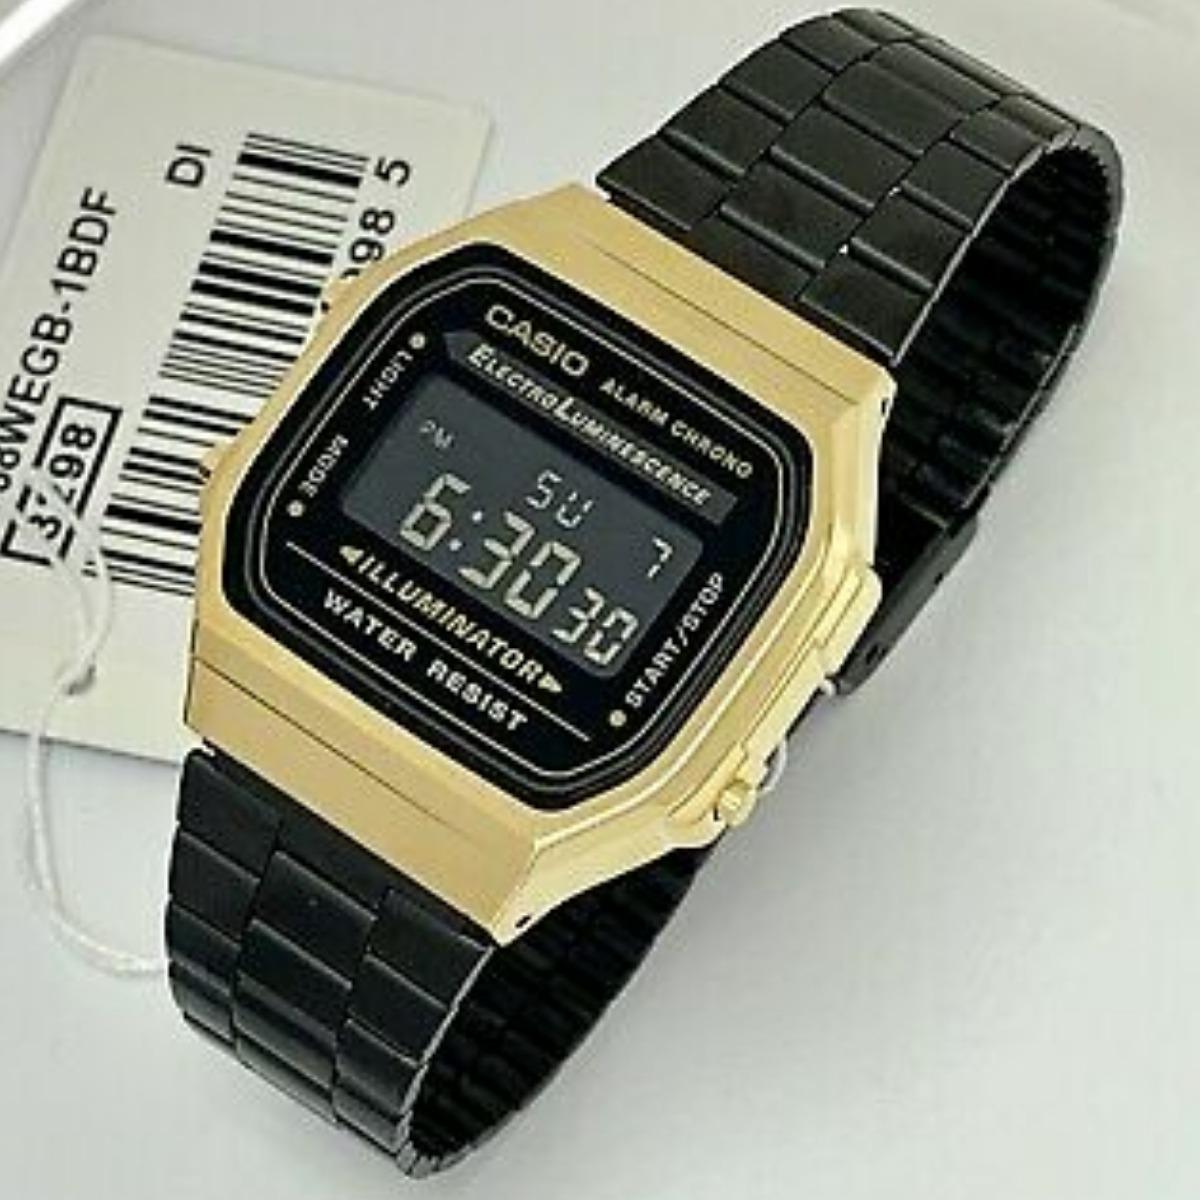 81321381a1f7 reloj casio a168 100% original retro vintage negro dorado. Cargando zoom.